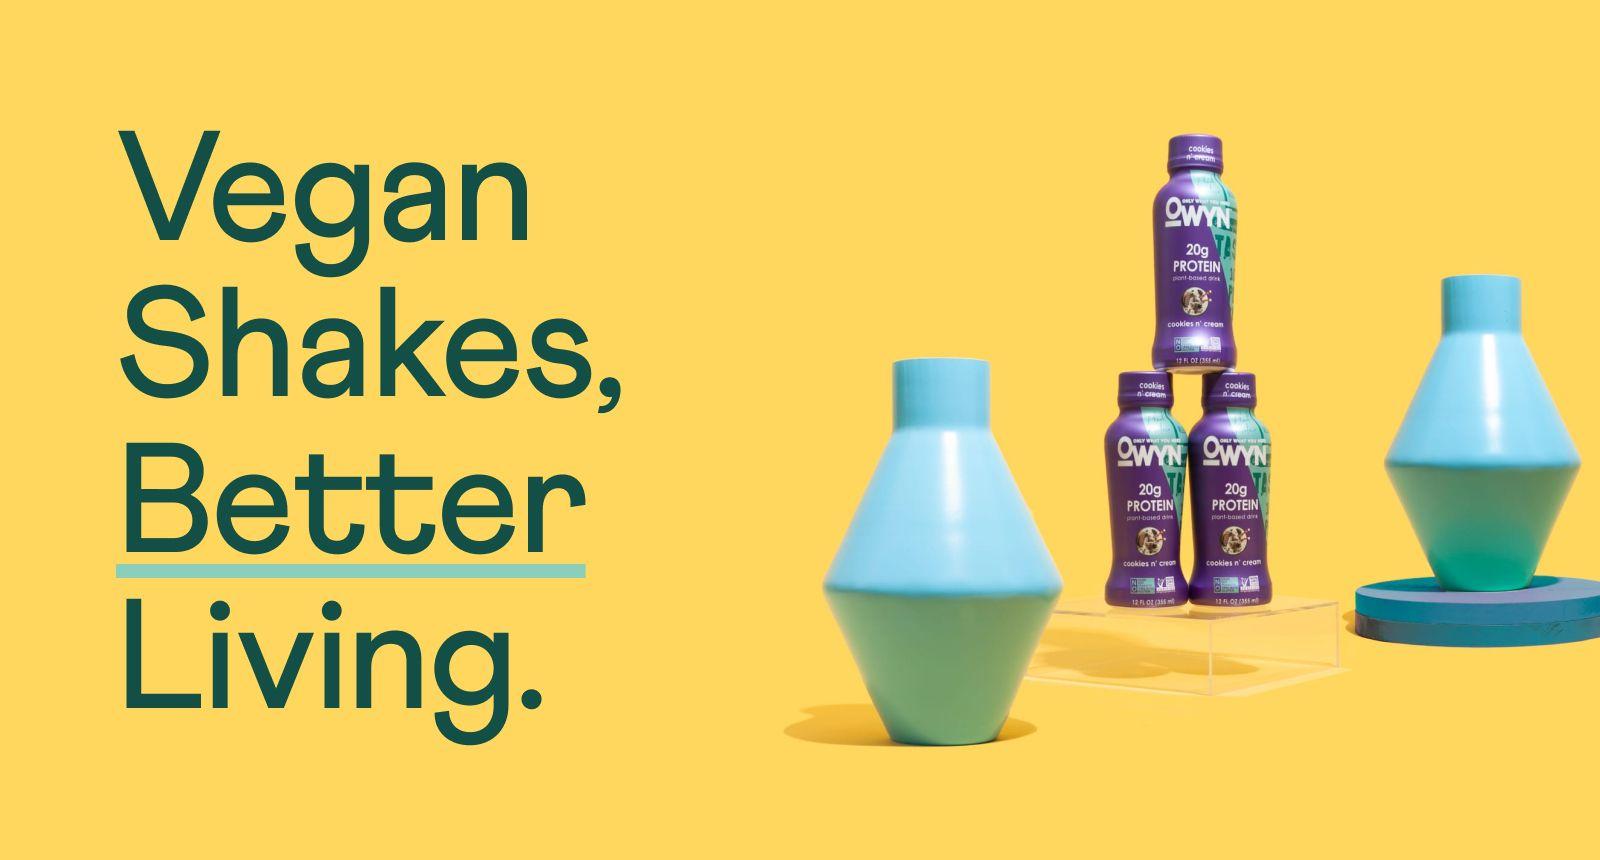 Vegan Shakes, Better Living.